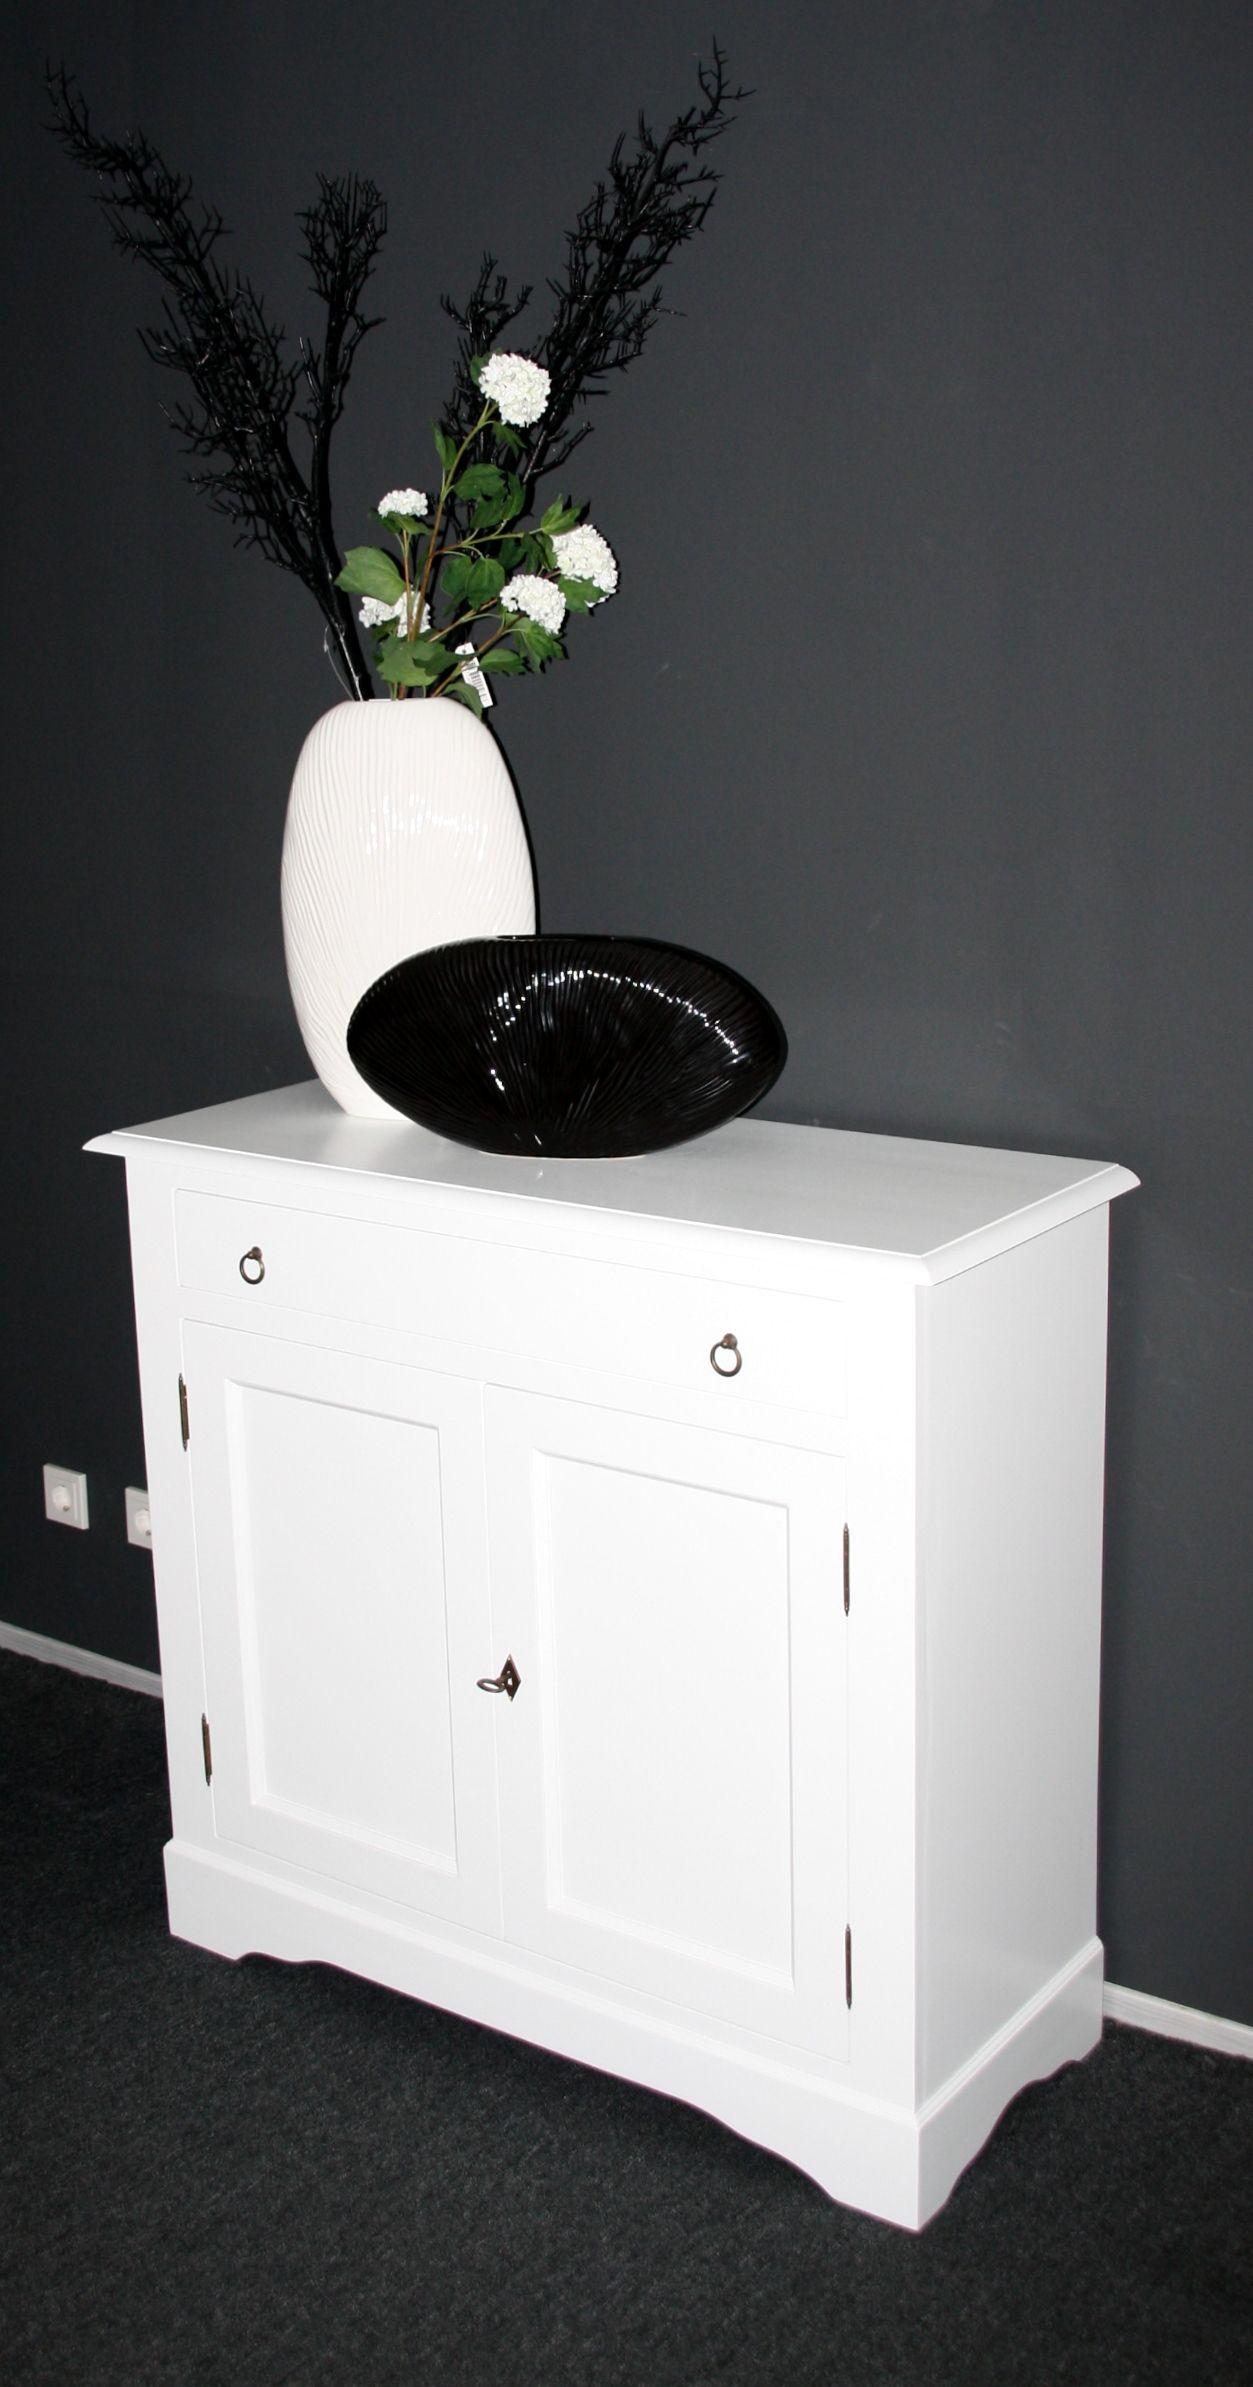 Italienische Design Möbel - Massivholz-Möbel in Goslar Massivholz ...